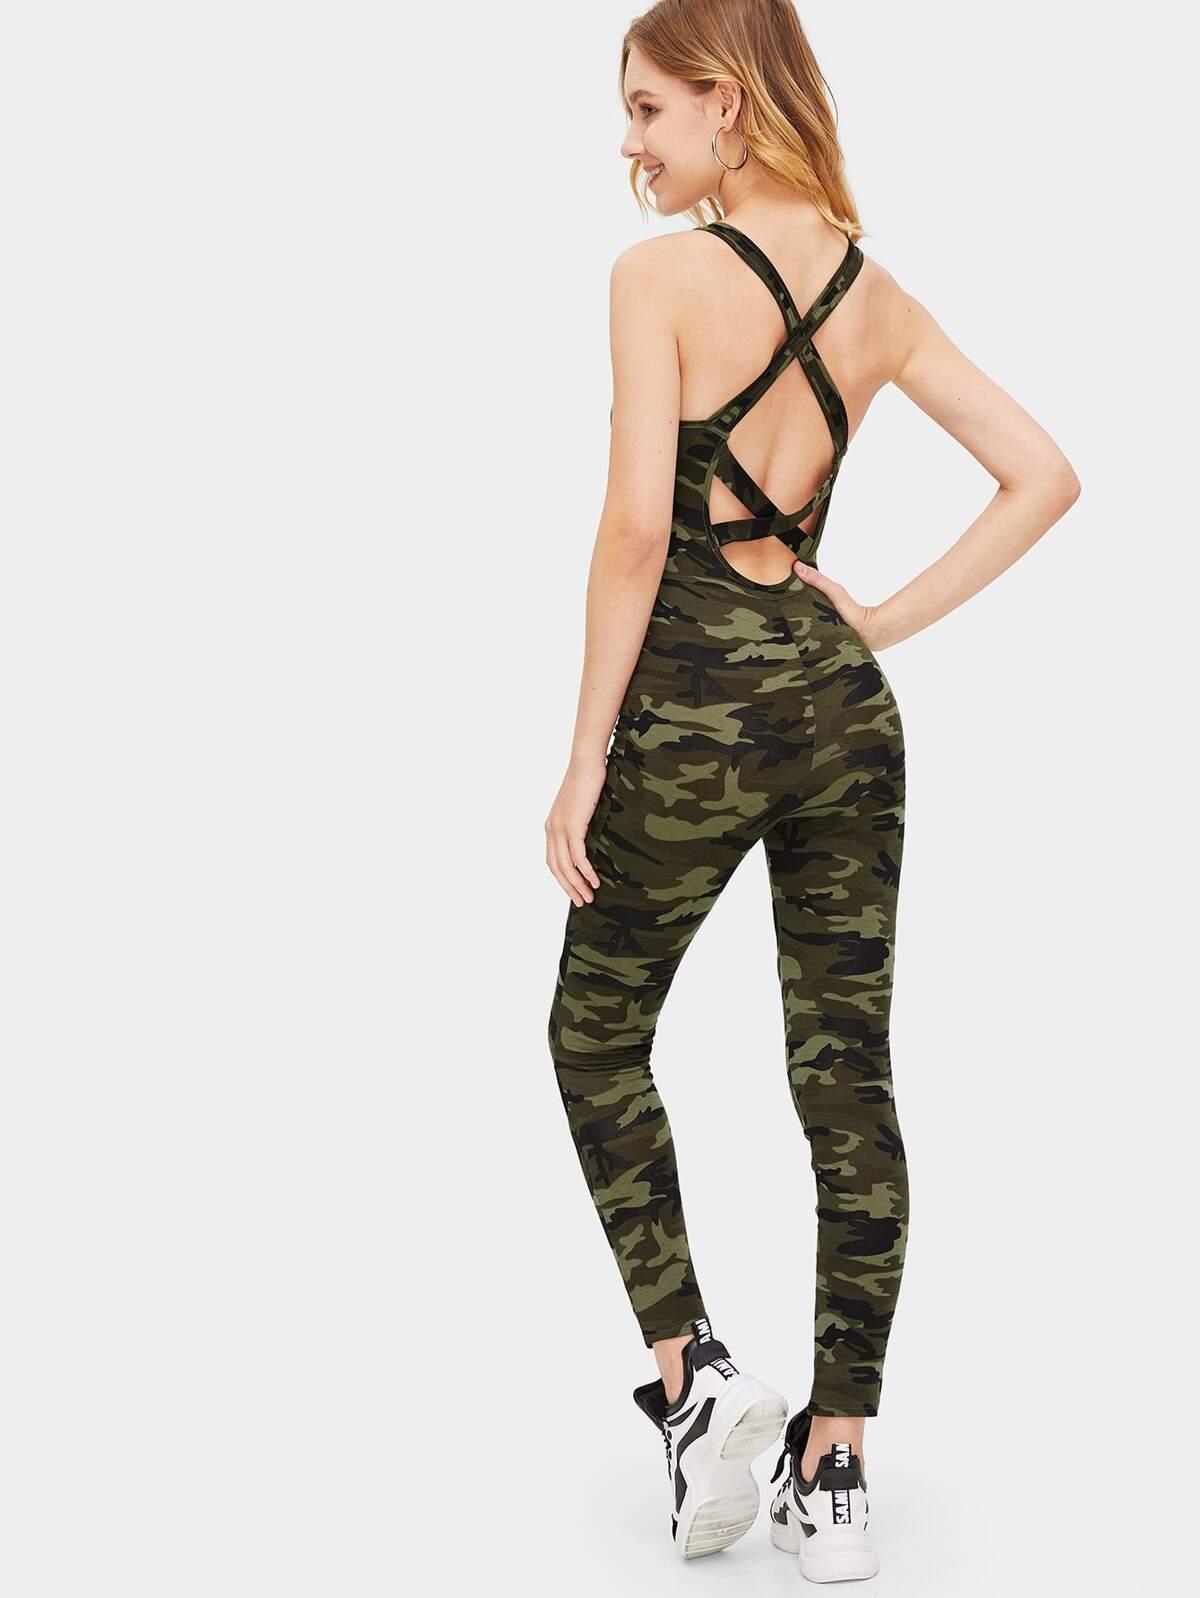 交錯 背 細網 嵌入 迷彩色 彈力緊身衣 連身服飾